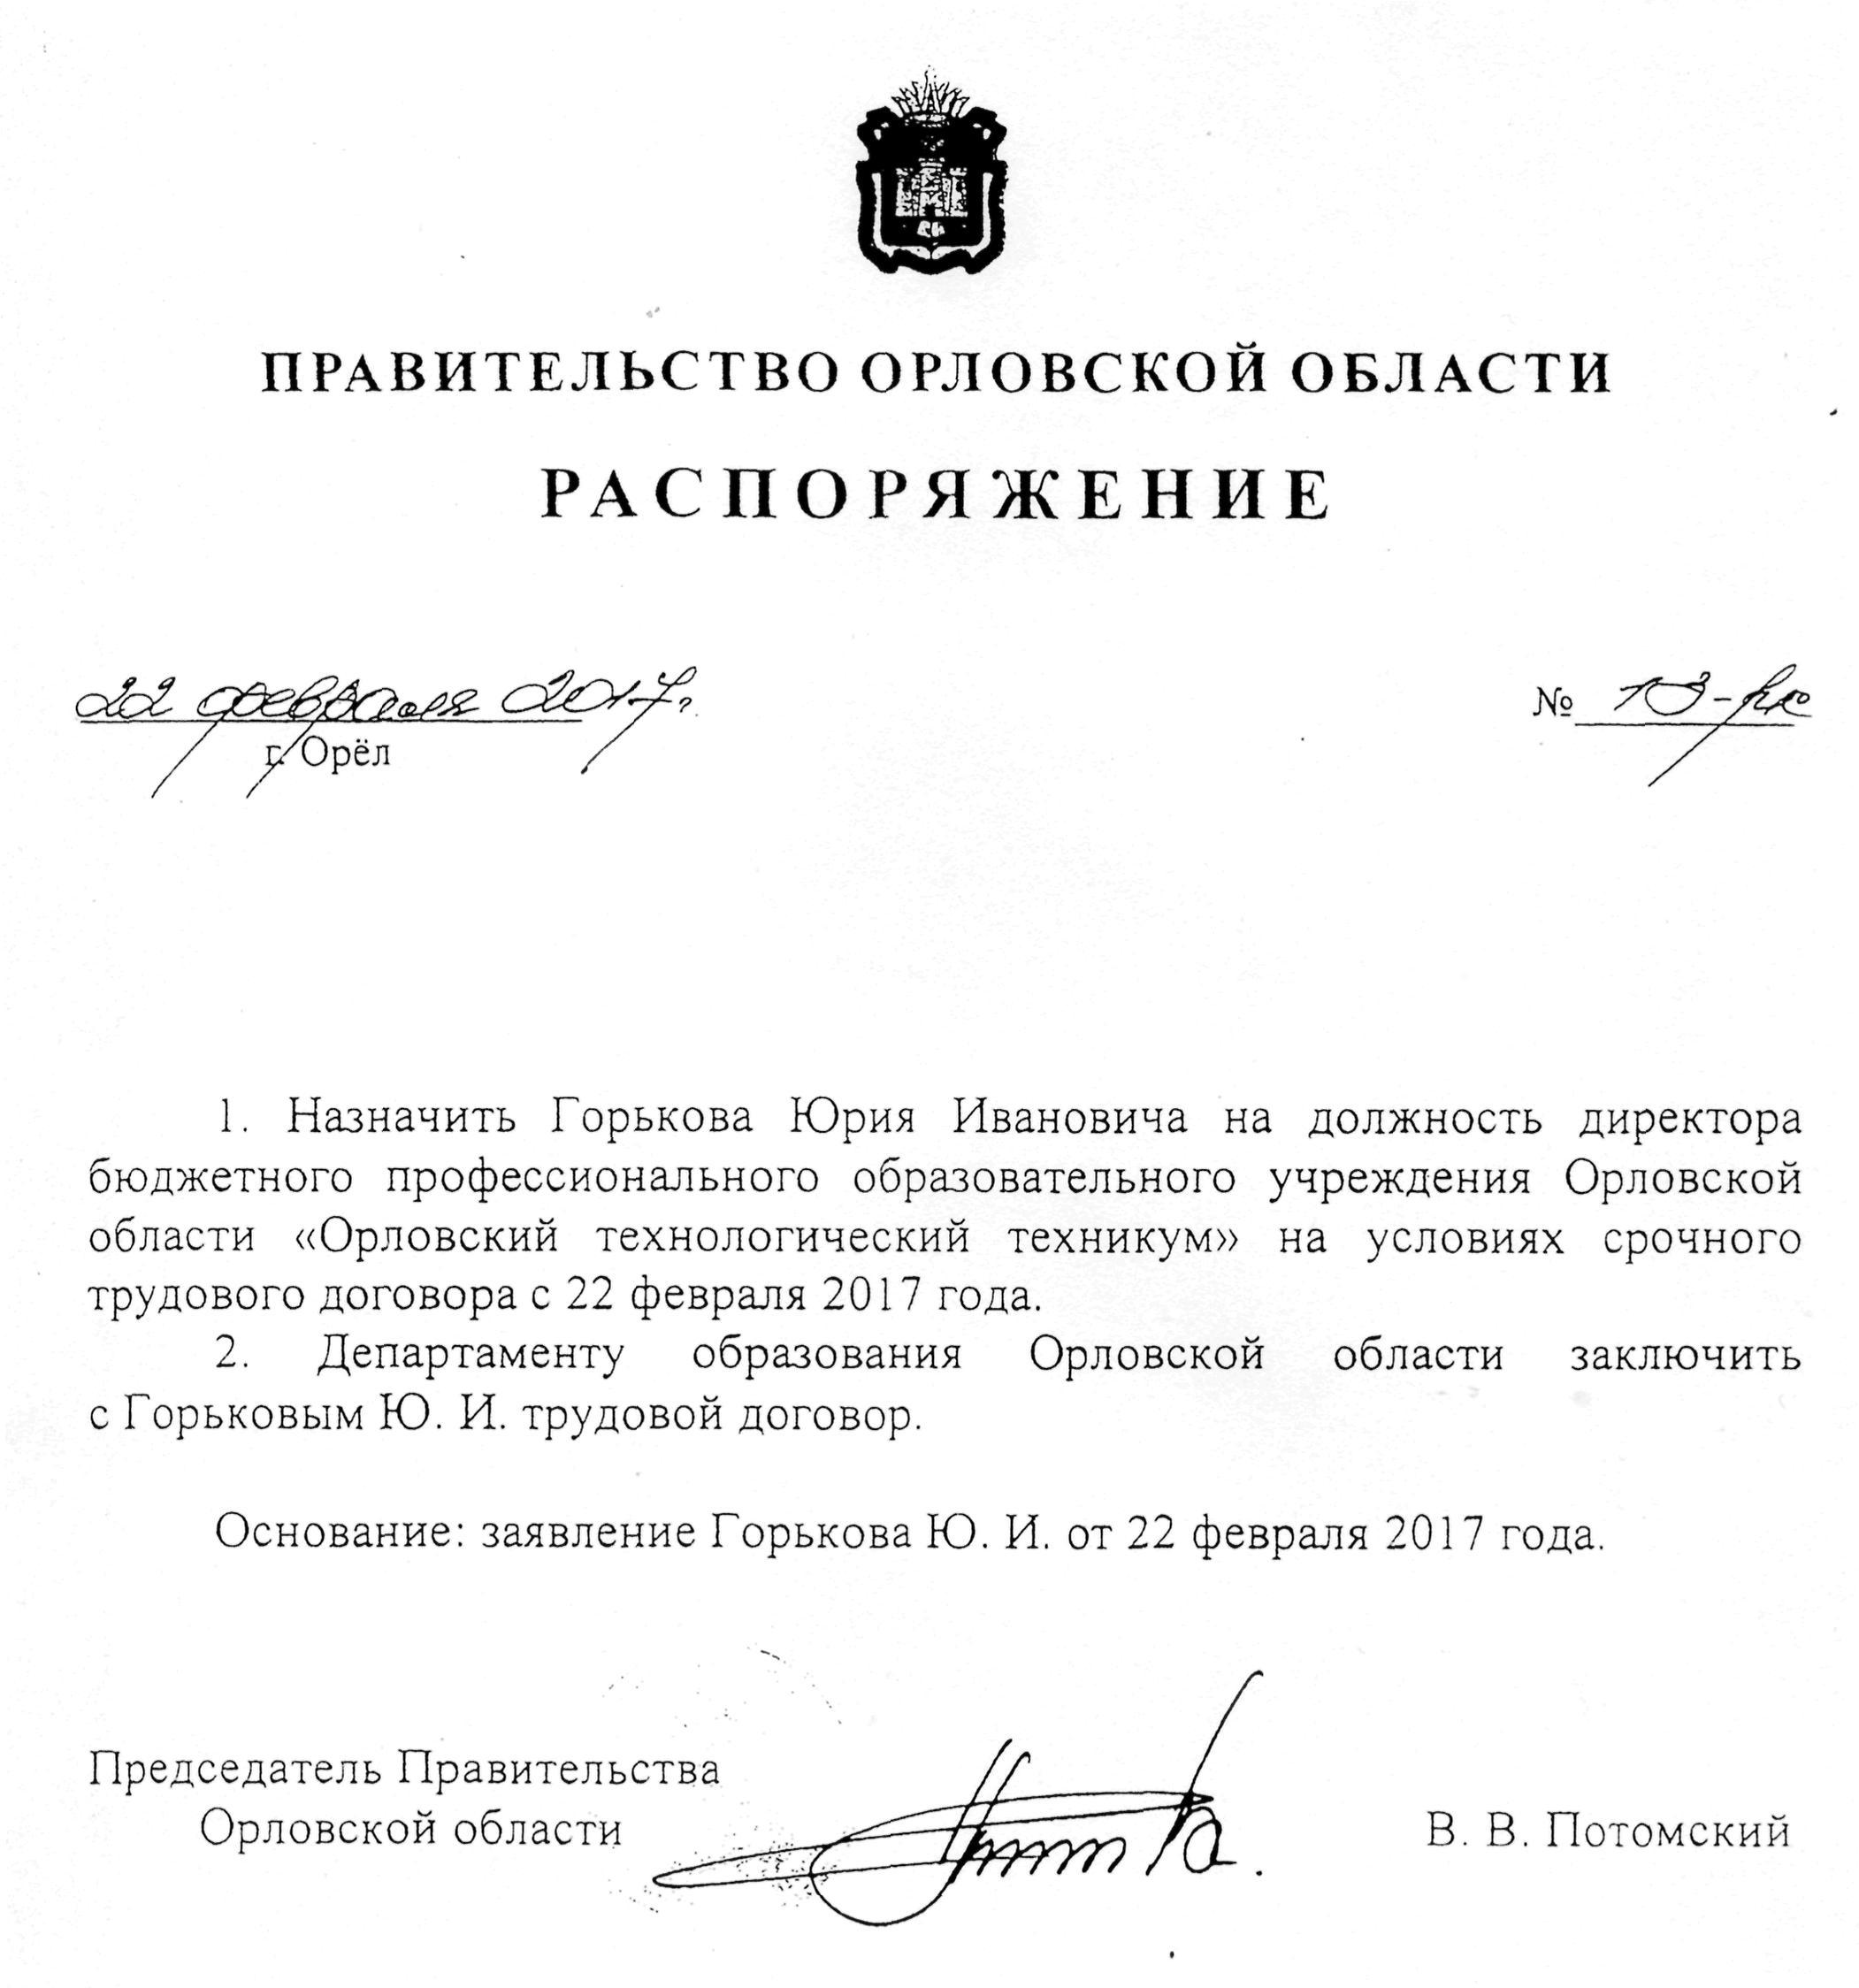 Распоряжение Губернатора Орловской области В. В. Потомского №13-рс от 22.02.2017 г.